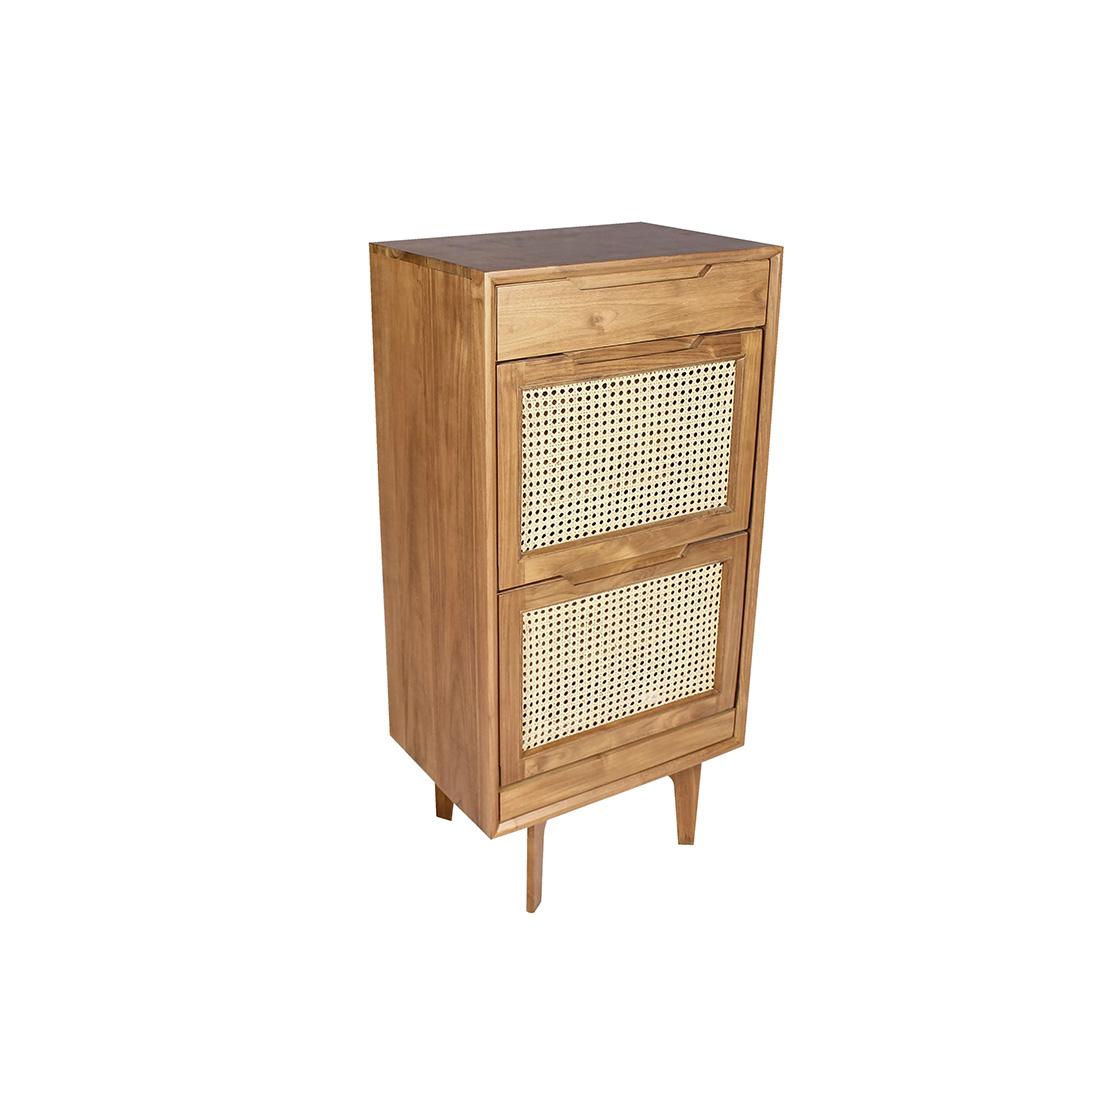 wicker-shoe-cabinet-1.jpg